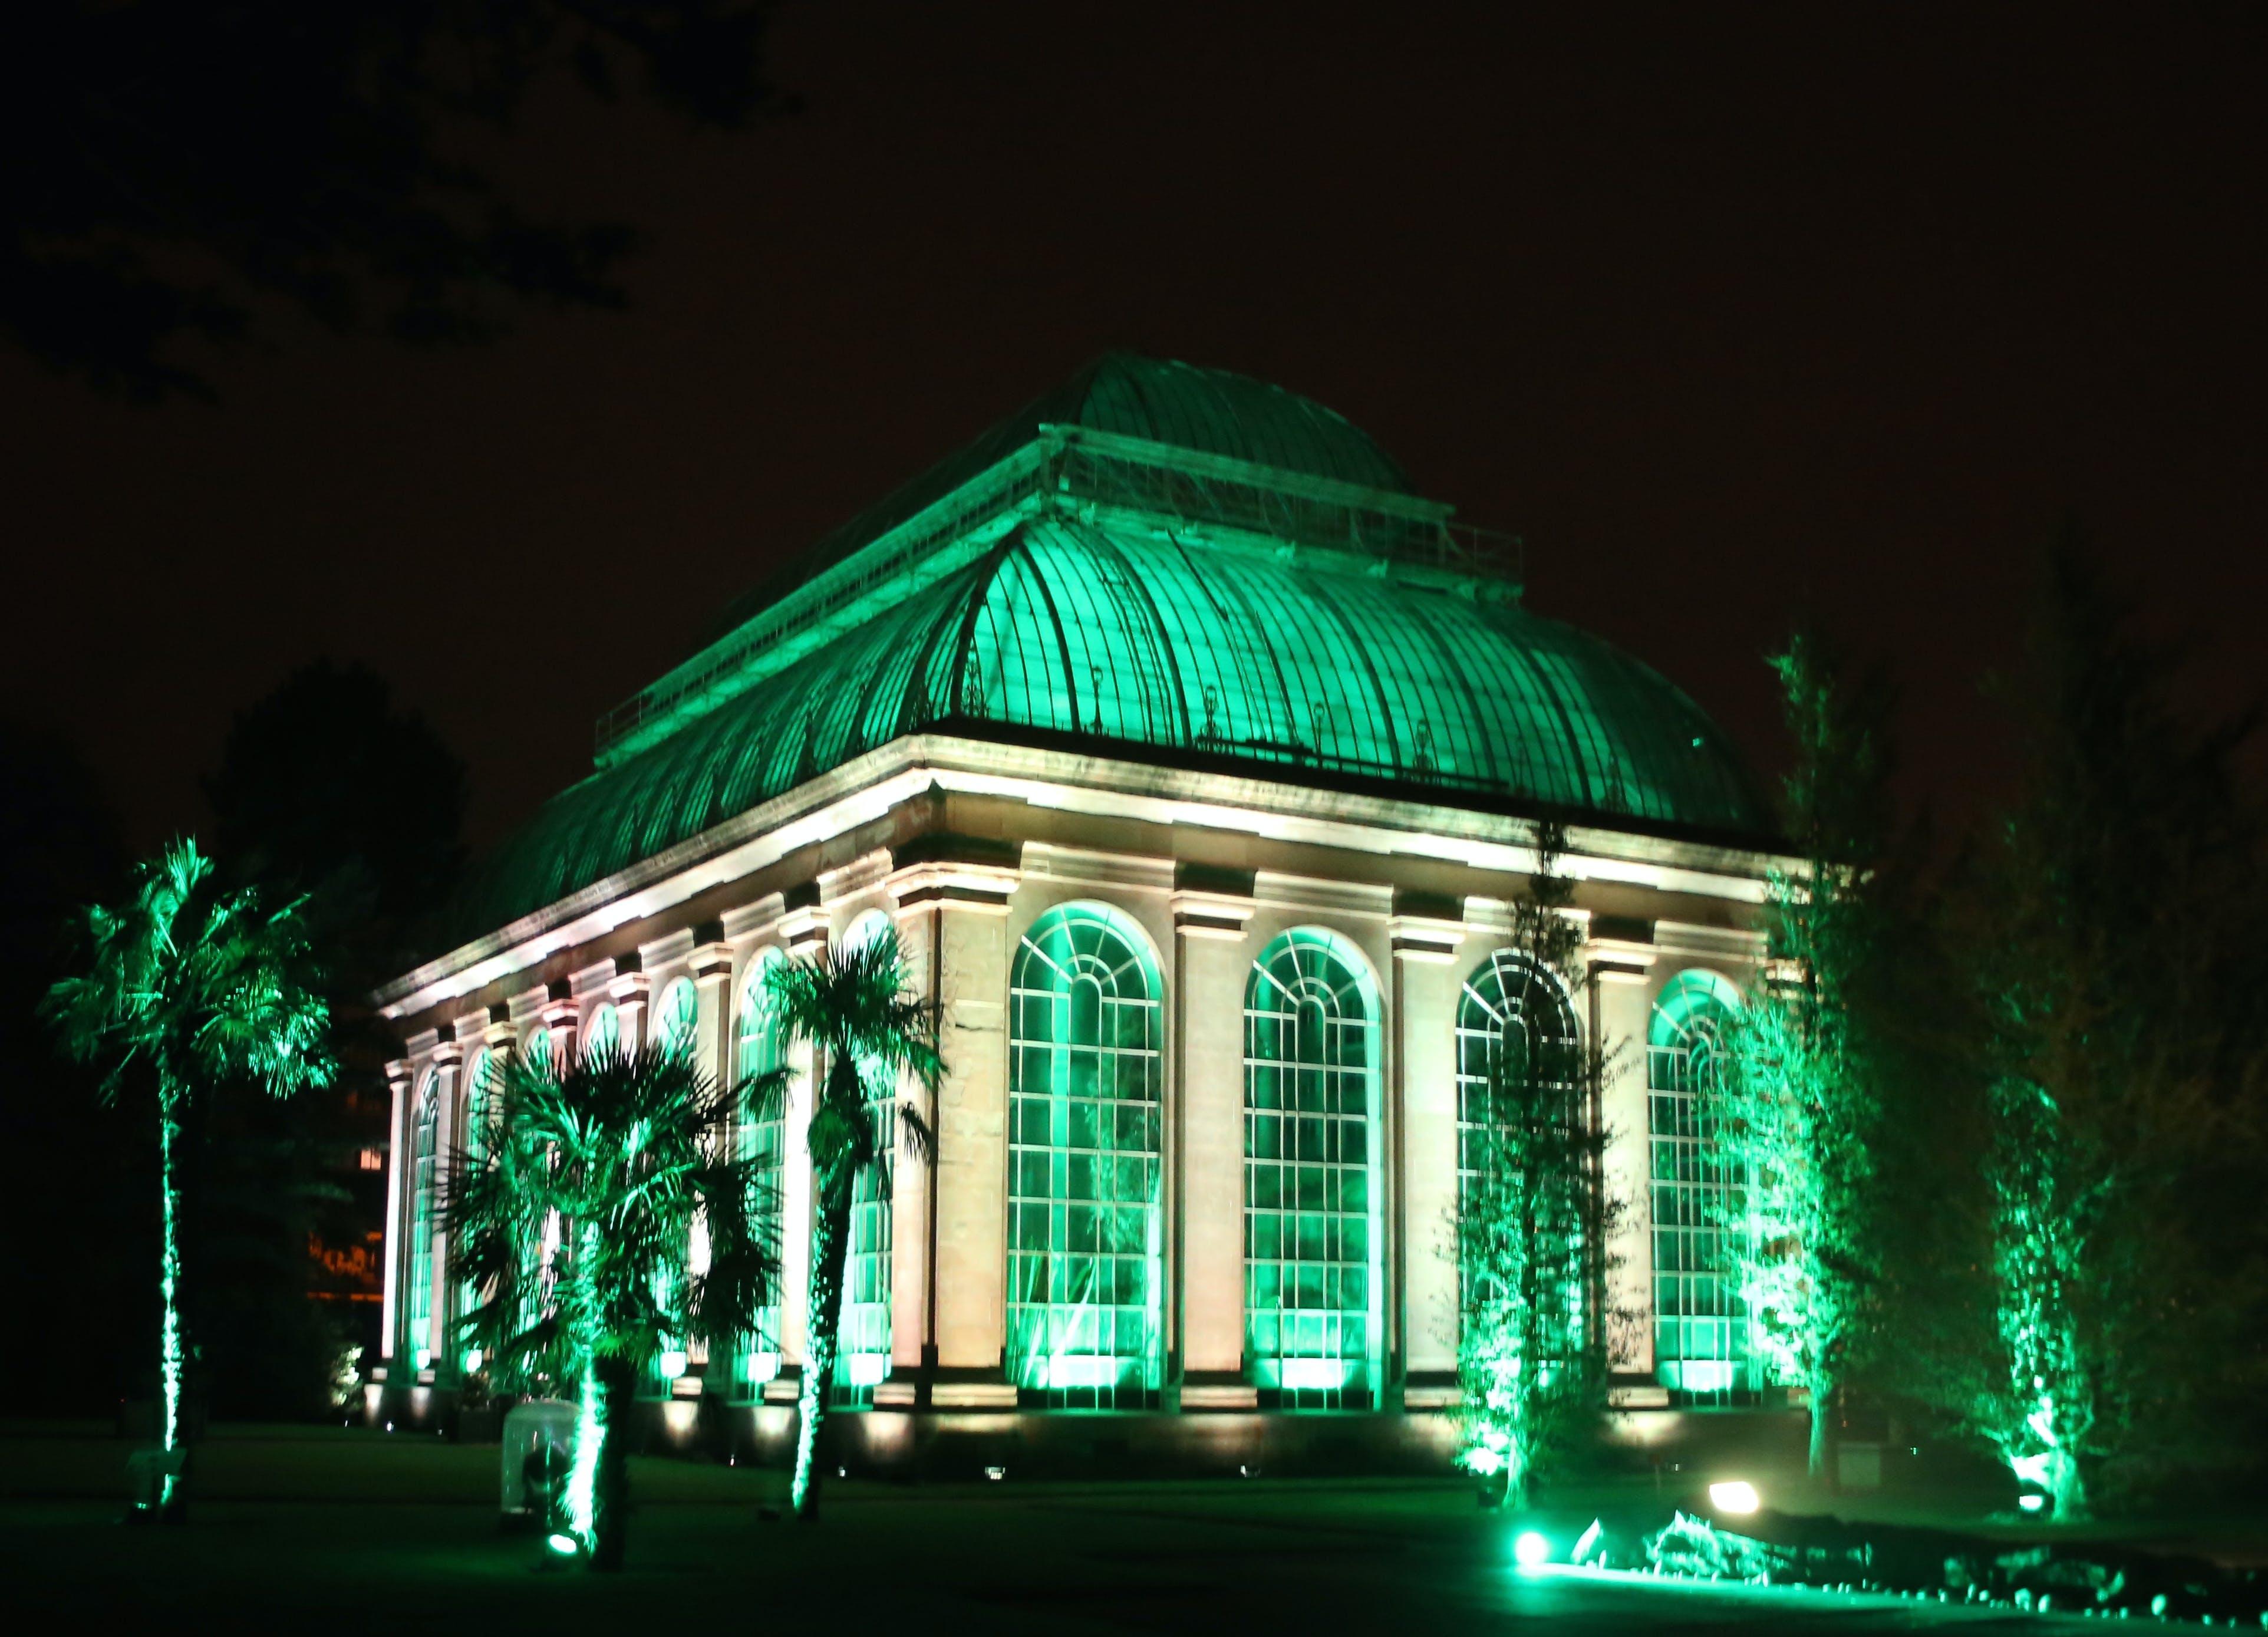 Бесплатное стоковое фото с ботанический сад эдинбург, зеленый свет, Искусство, легкий